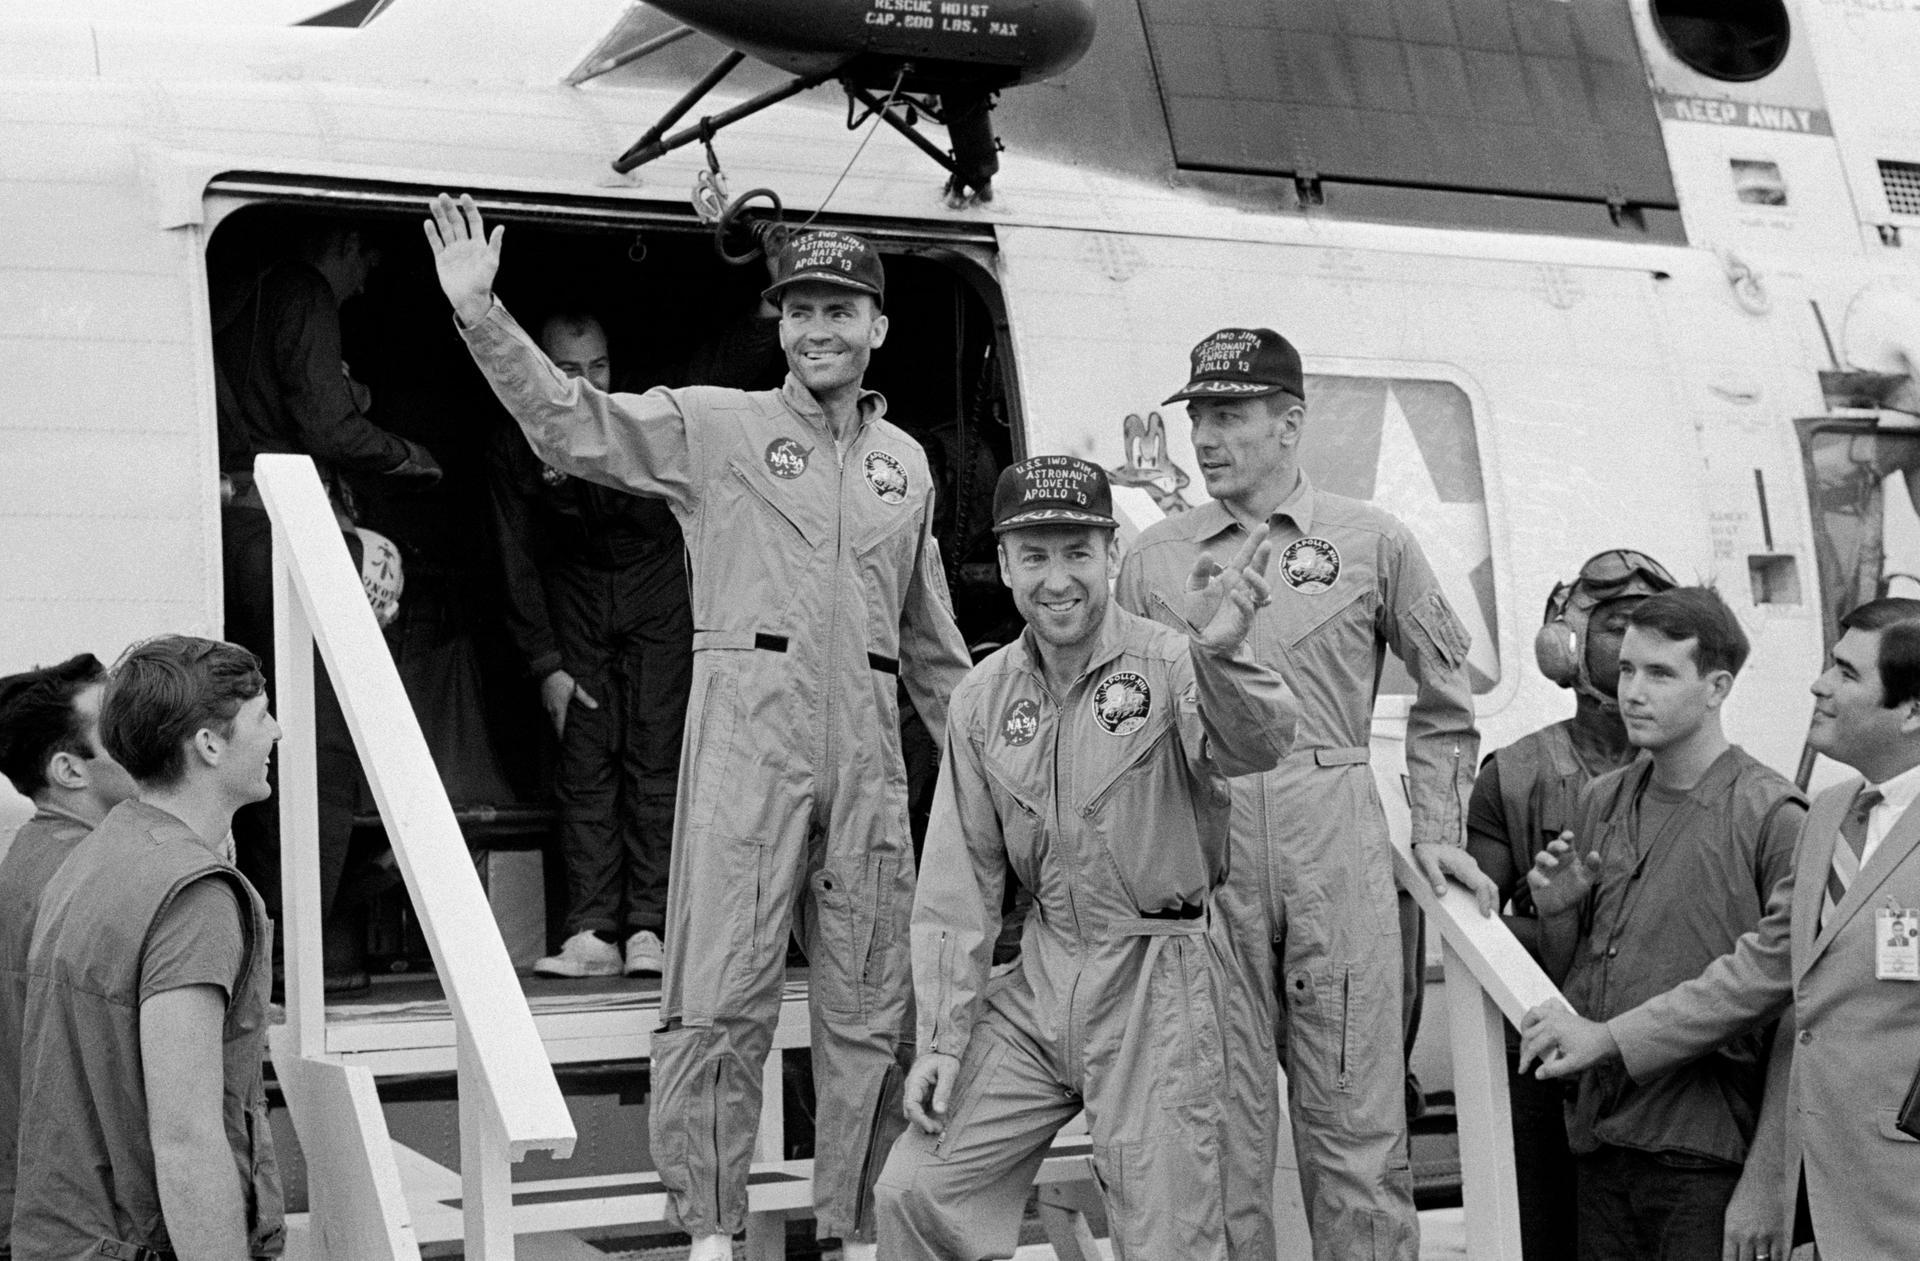 Apollo 13 Photos Help Us Remember Astronauts' Heroism